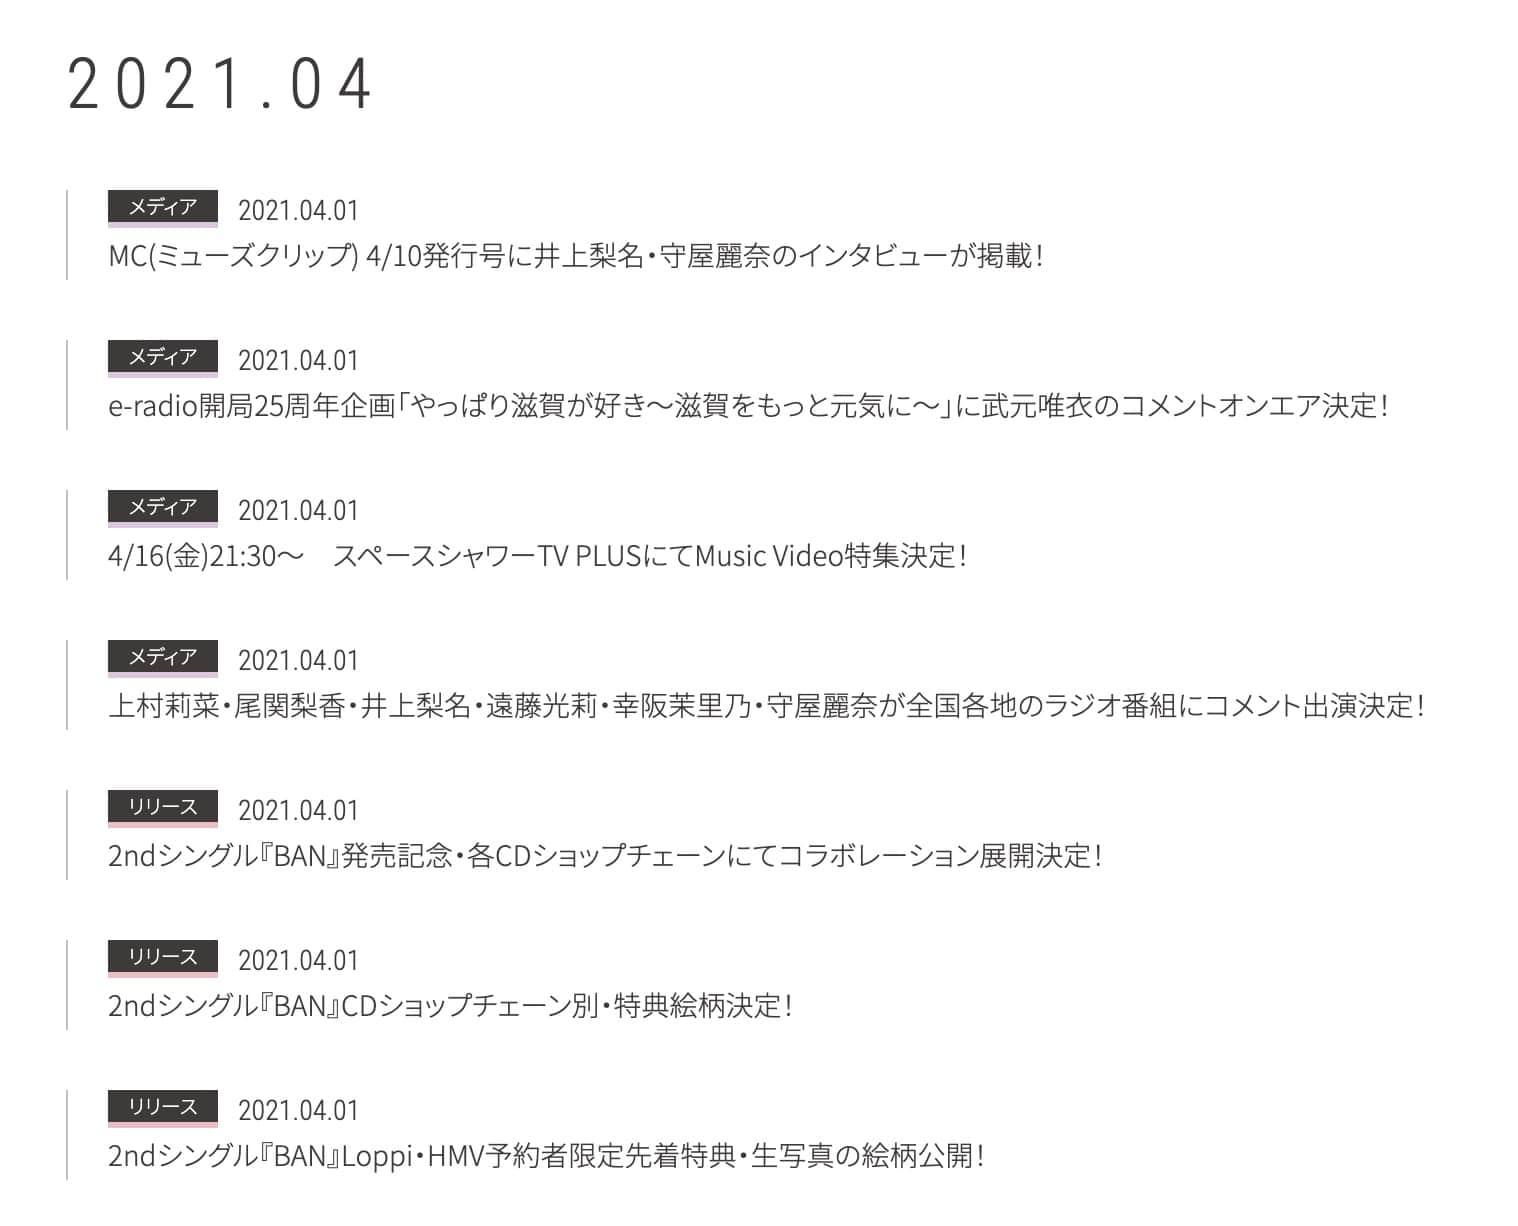 image 2021-04-01 12.11.48